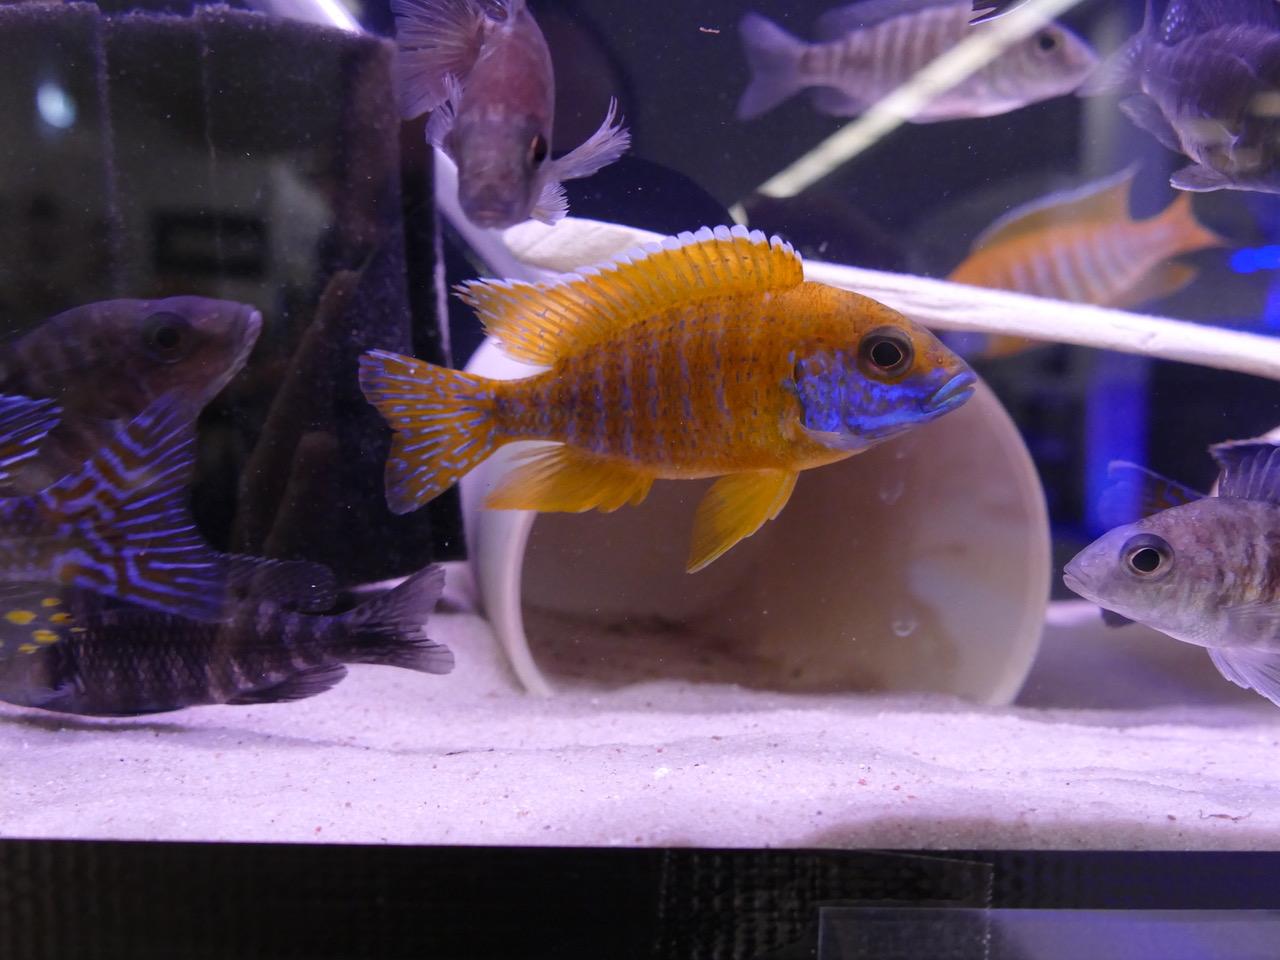 259: Buntbarsche aus dem Malawisee - Haltung und Zucht der bunten Fische im Aquarium (Tobias Buchheit) 4